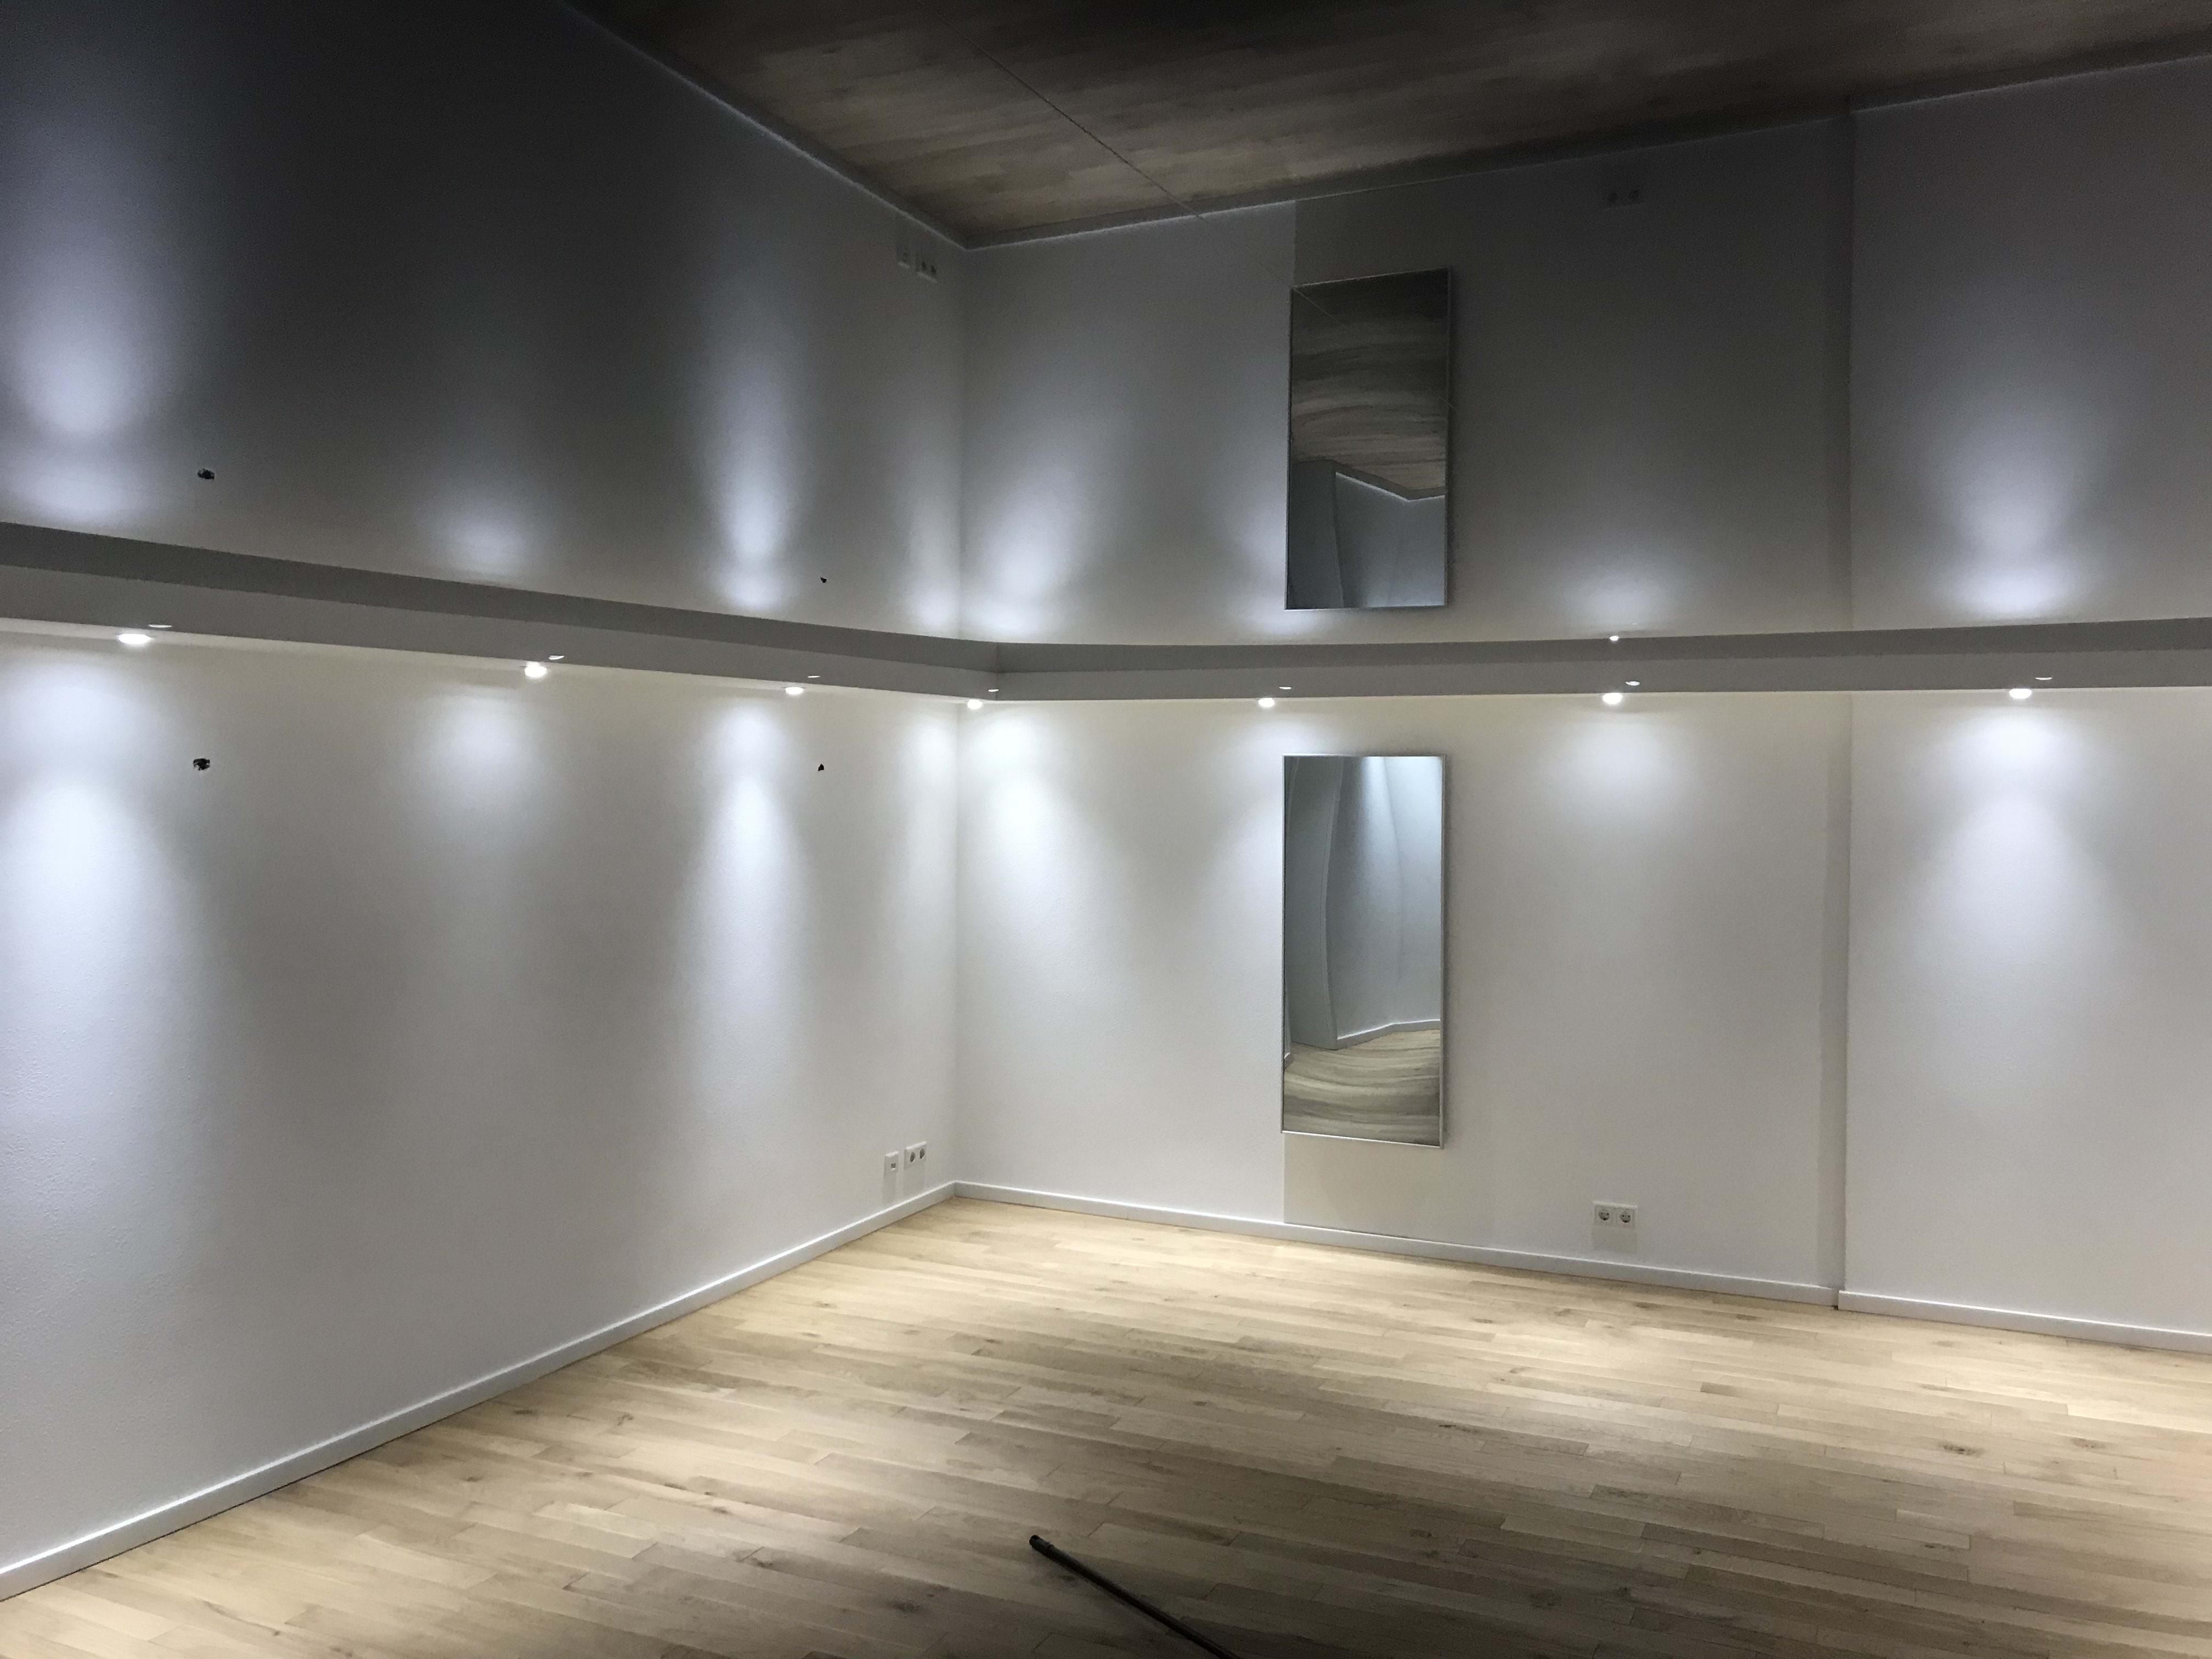 Sanierter Keller Wohnraum. BWA